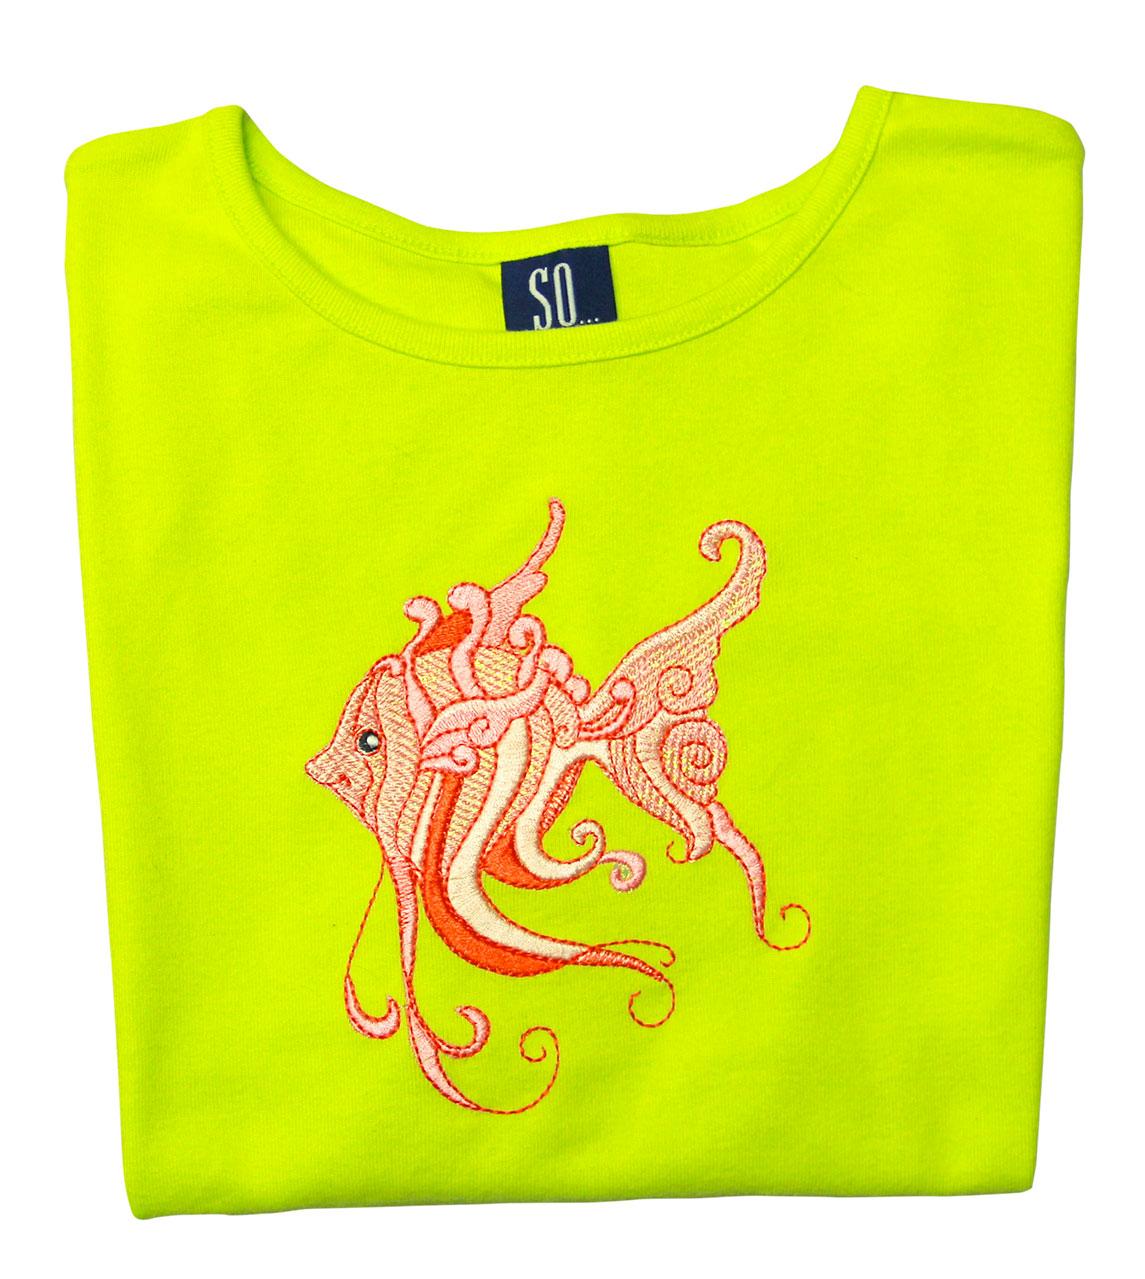 MSL-Shirt.jpg